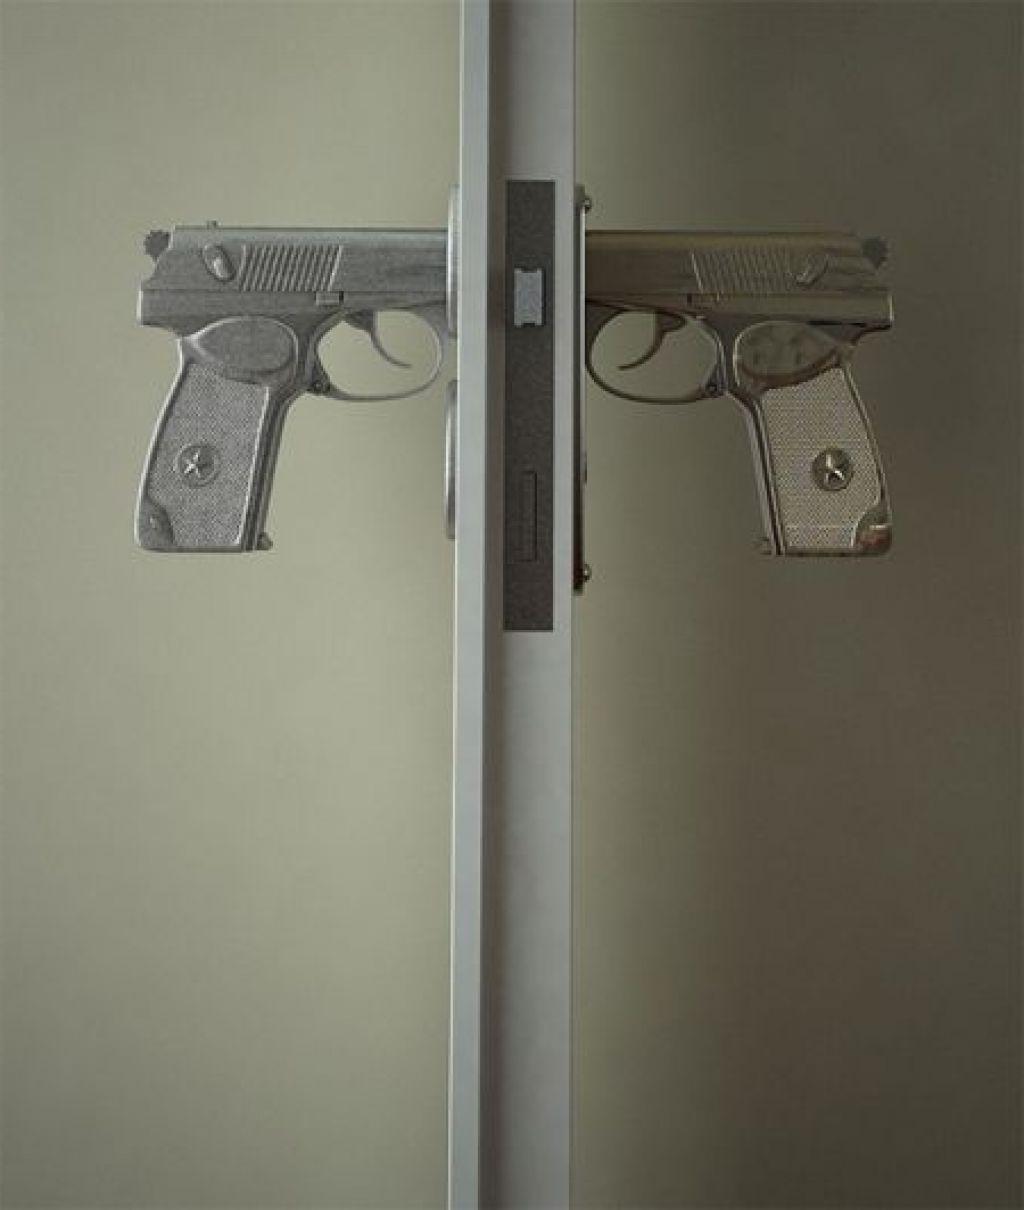 gun door knobs photo - 6